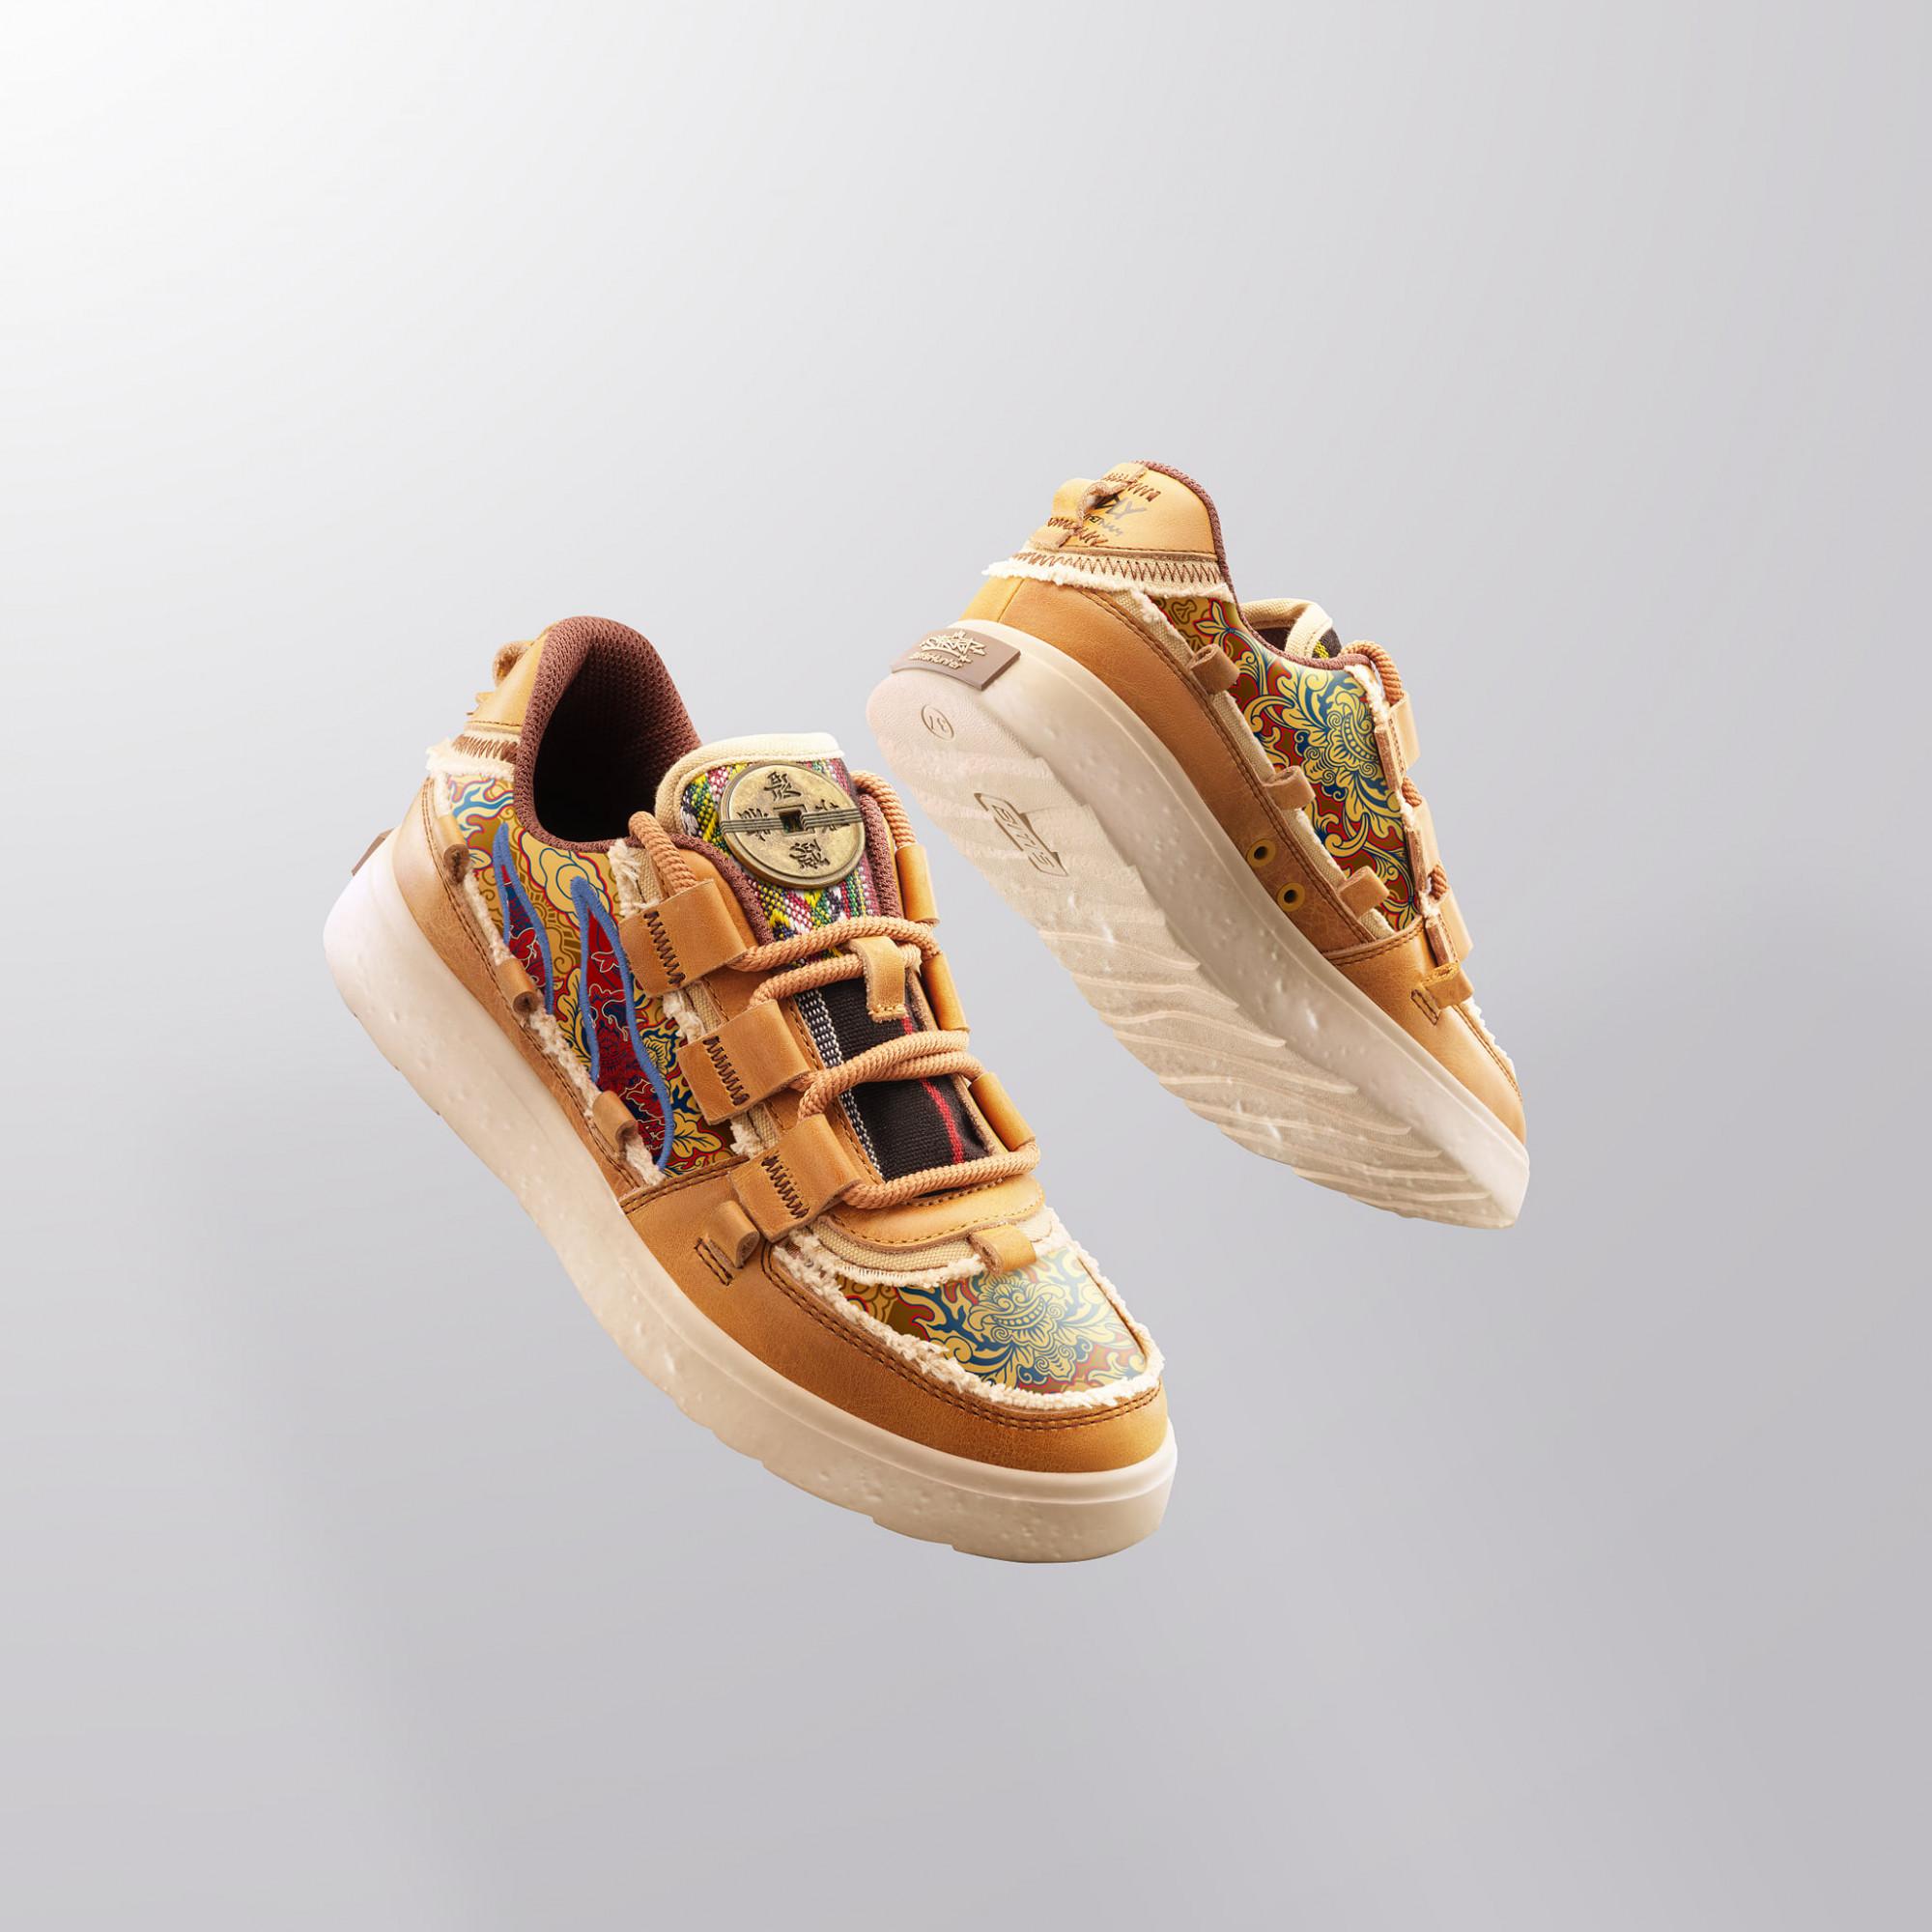 Hình ảnh thiết kế mới của giày